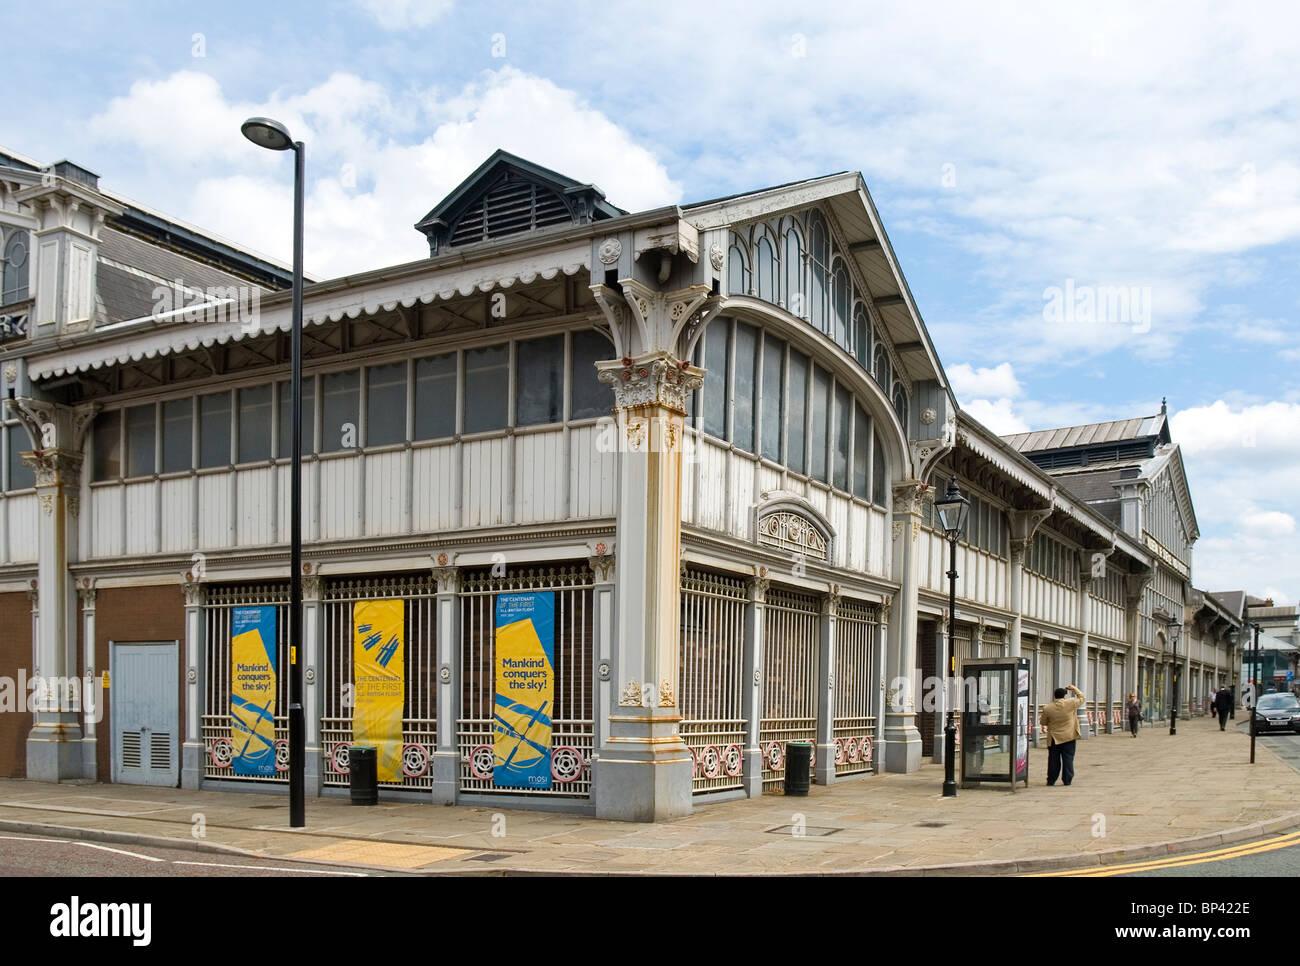 El Museo de Ciencia e Industria de Manchester (MOSI), ubicado en la ciudad de Manchester, Inglaterra. Imagen De Stock